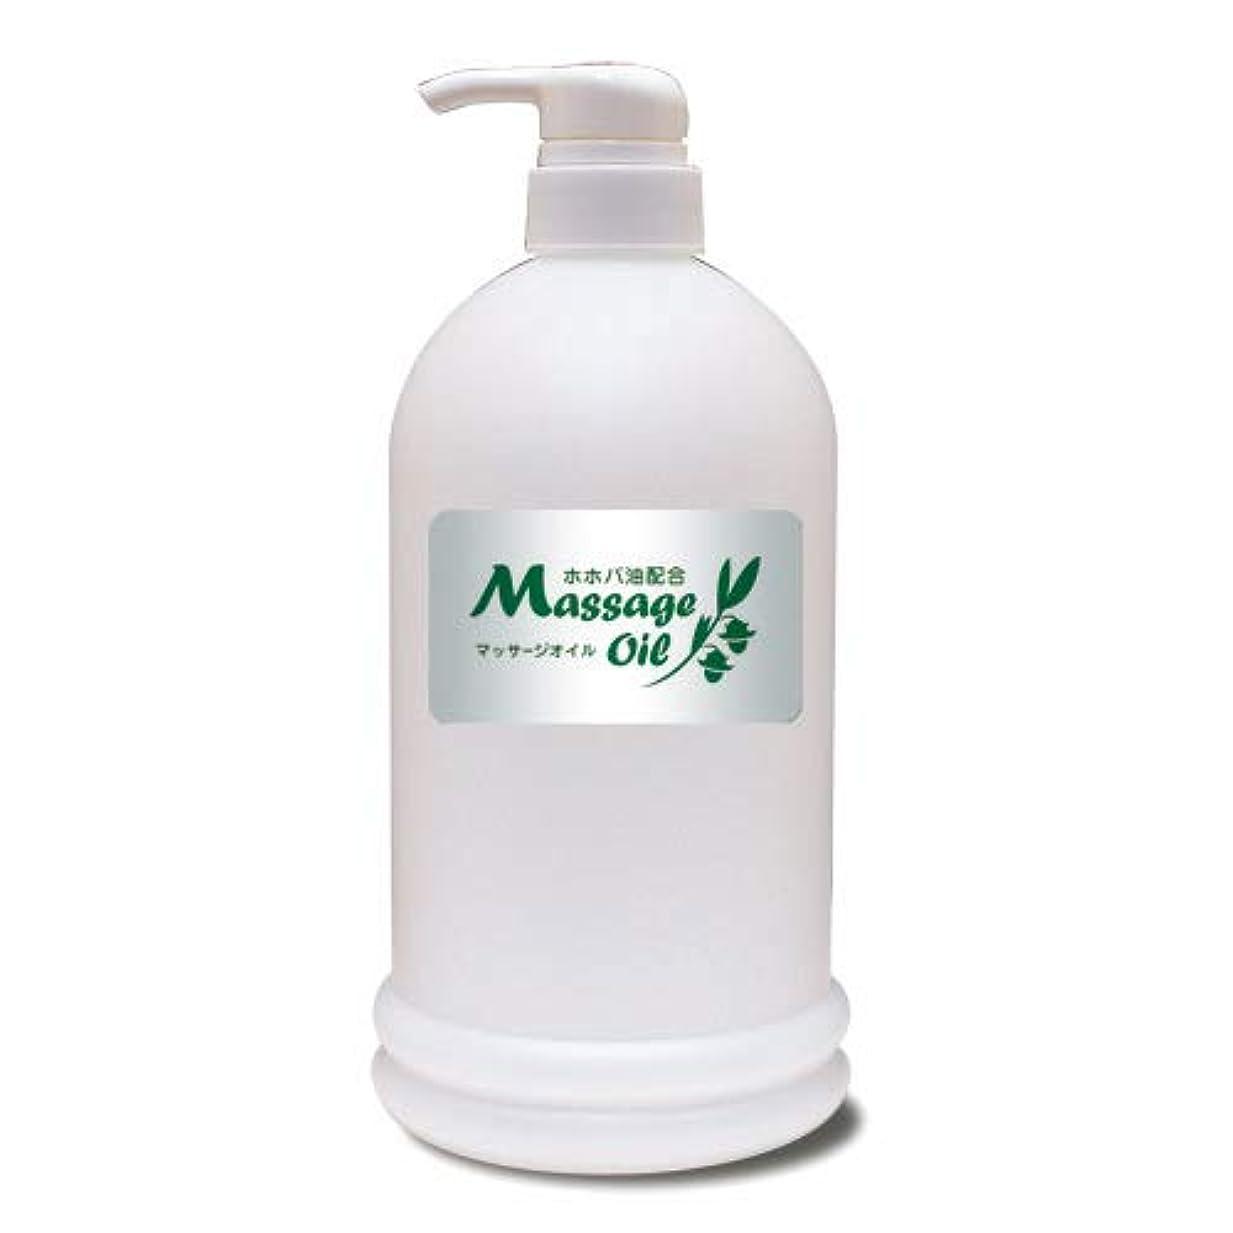 将来の取得航海ホホバ油配合マッサージオイル 1Lボトル│エステ店御用達のプロ仕様業務用マッサージオイル 大容量 ホホバオイル